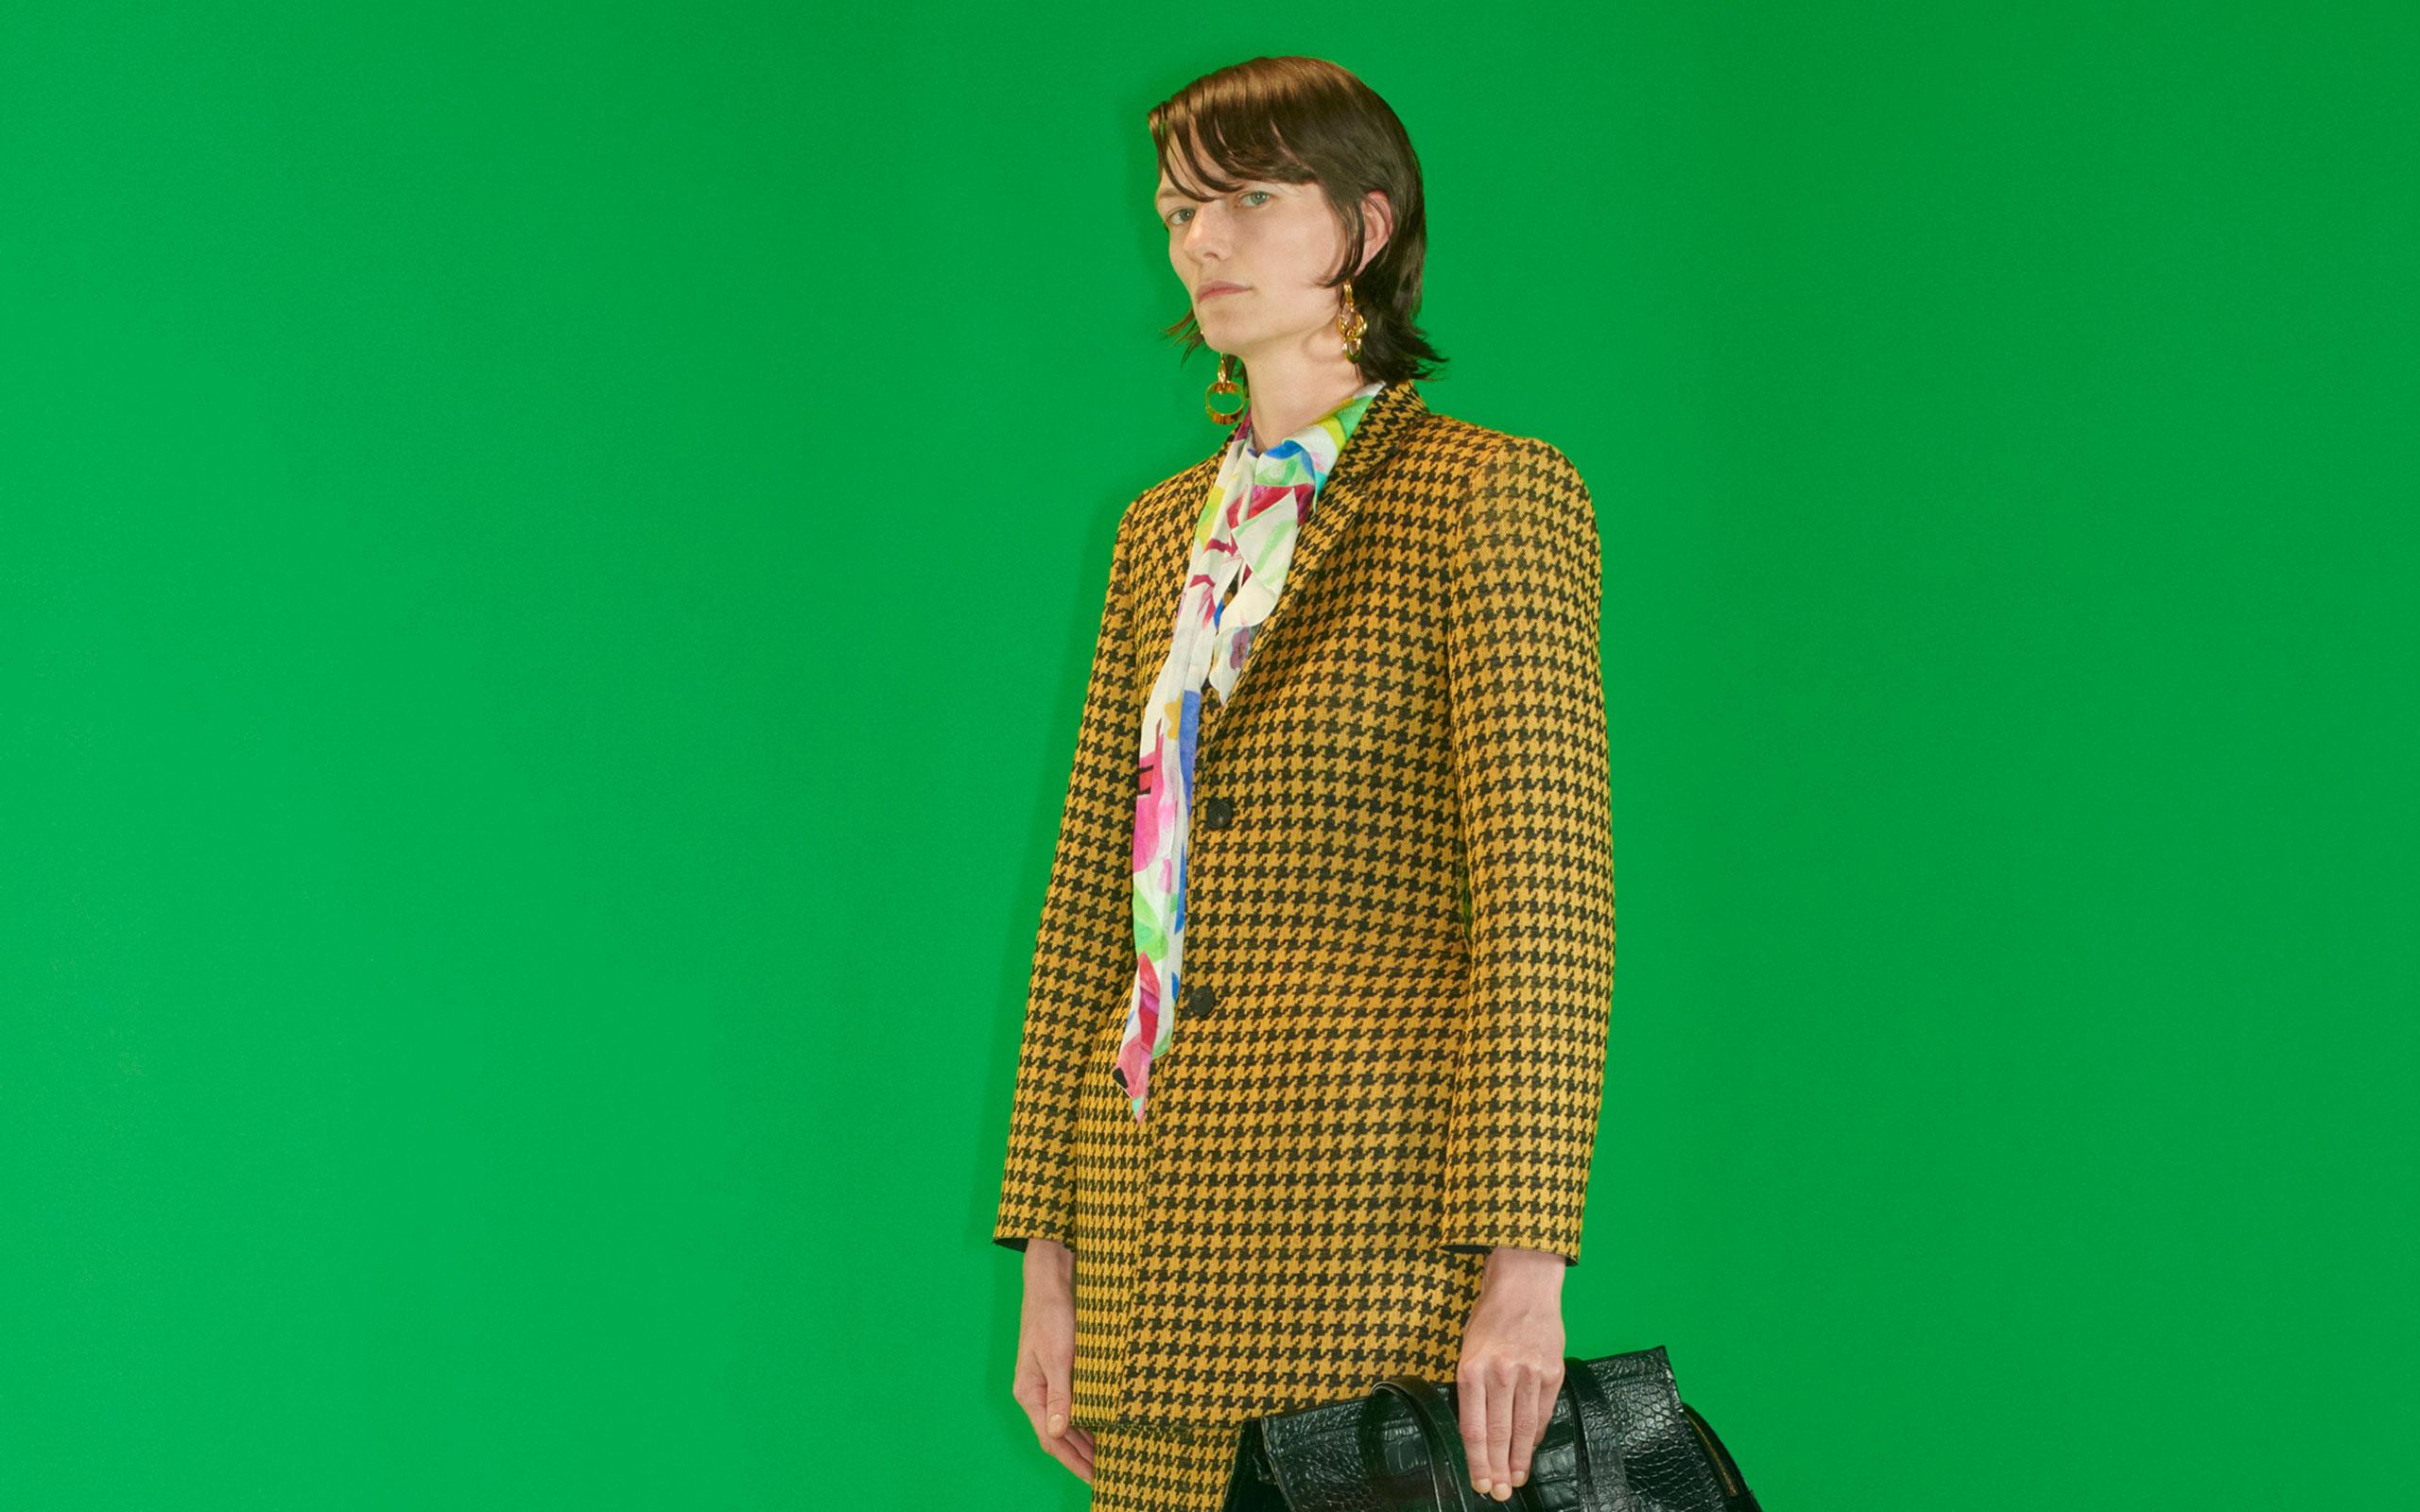 Balenciaga Introduces SPRING 19 Collection